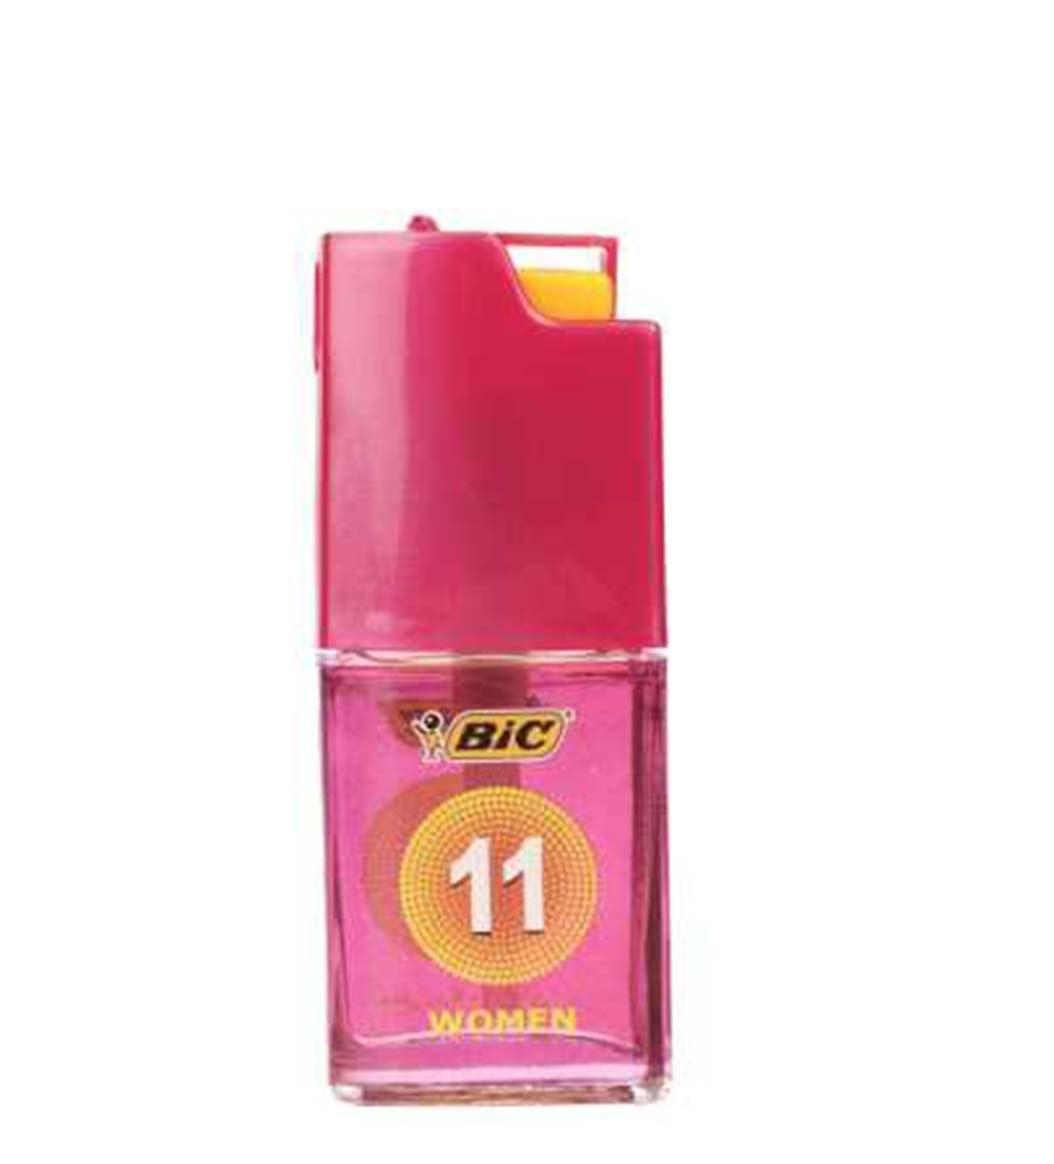 اسپری زنانه بیک مدل 11حجم 150 میلی لیتر به همراه عطر جیبی زنانه بیک مدل 11حجم 7 میلی لیتر